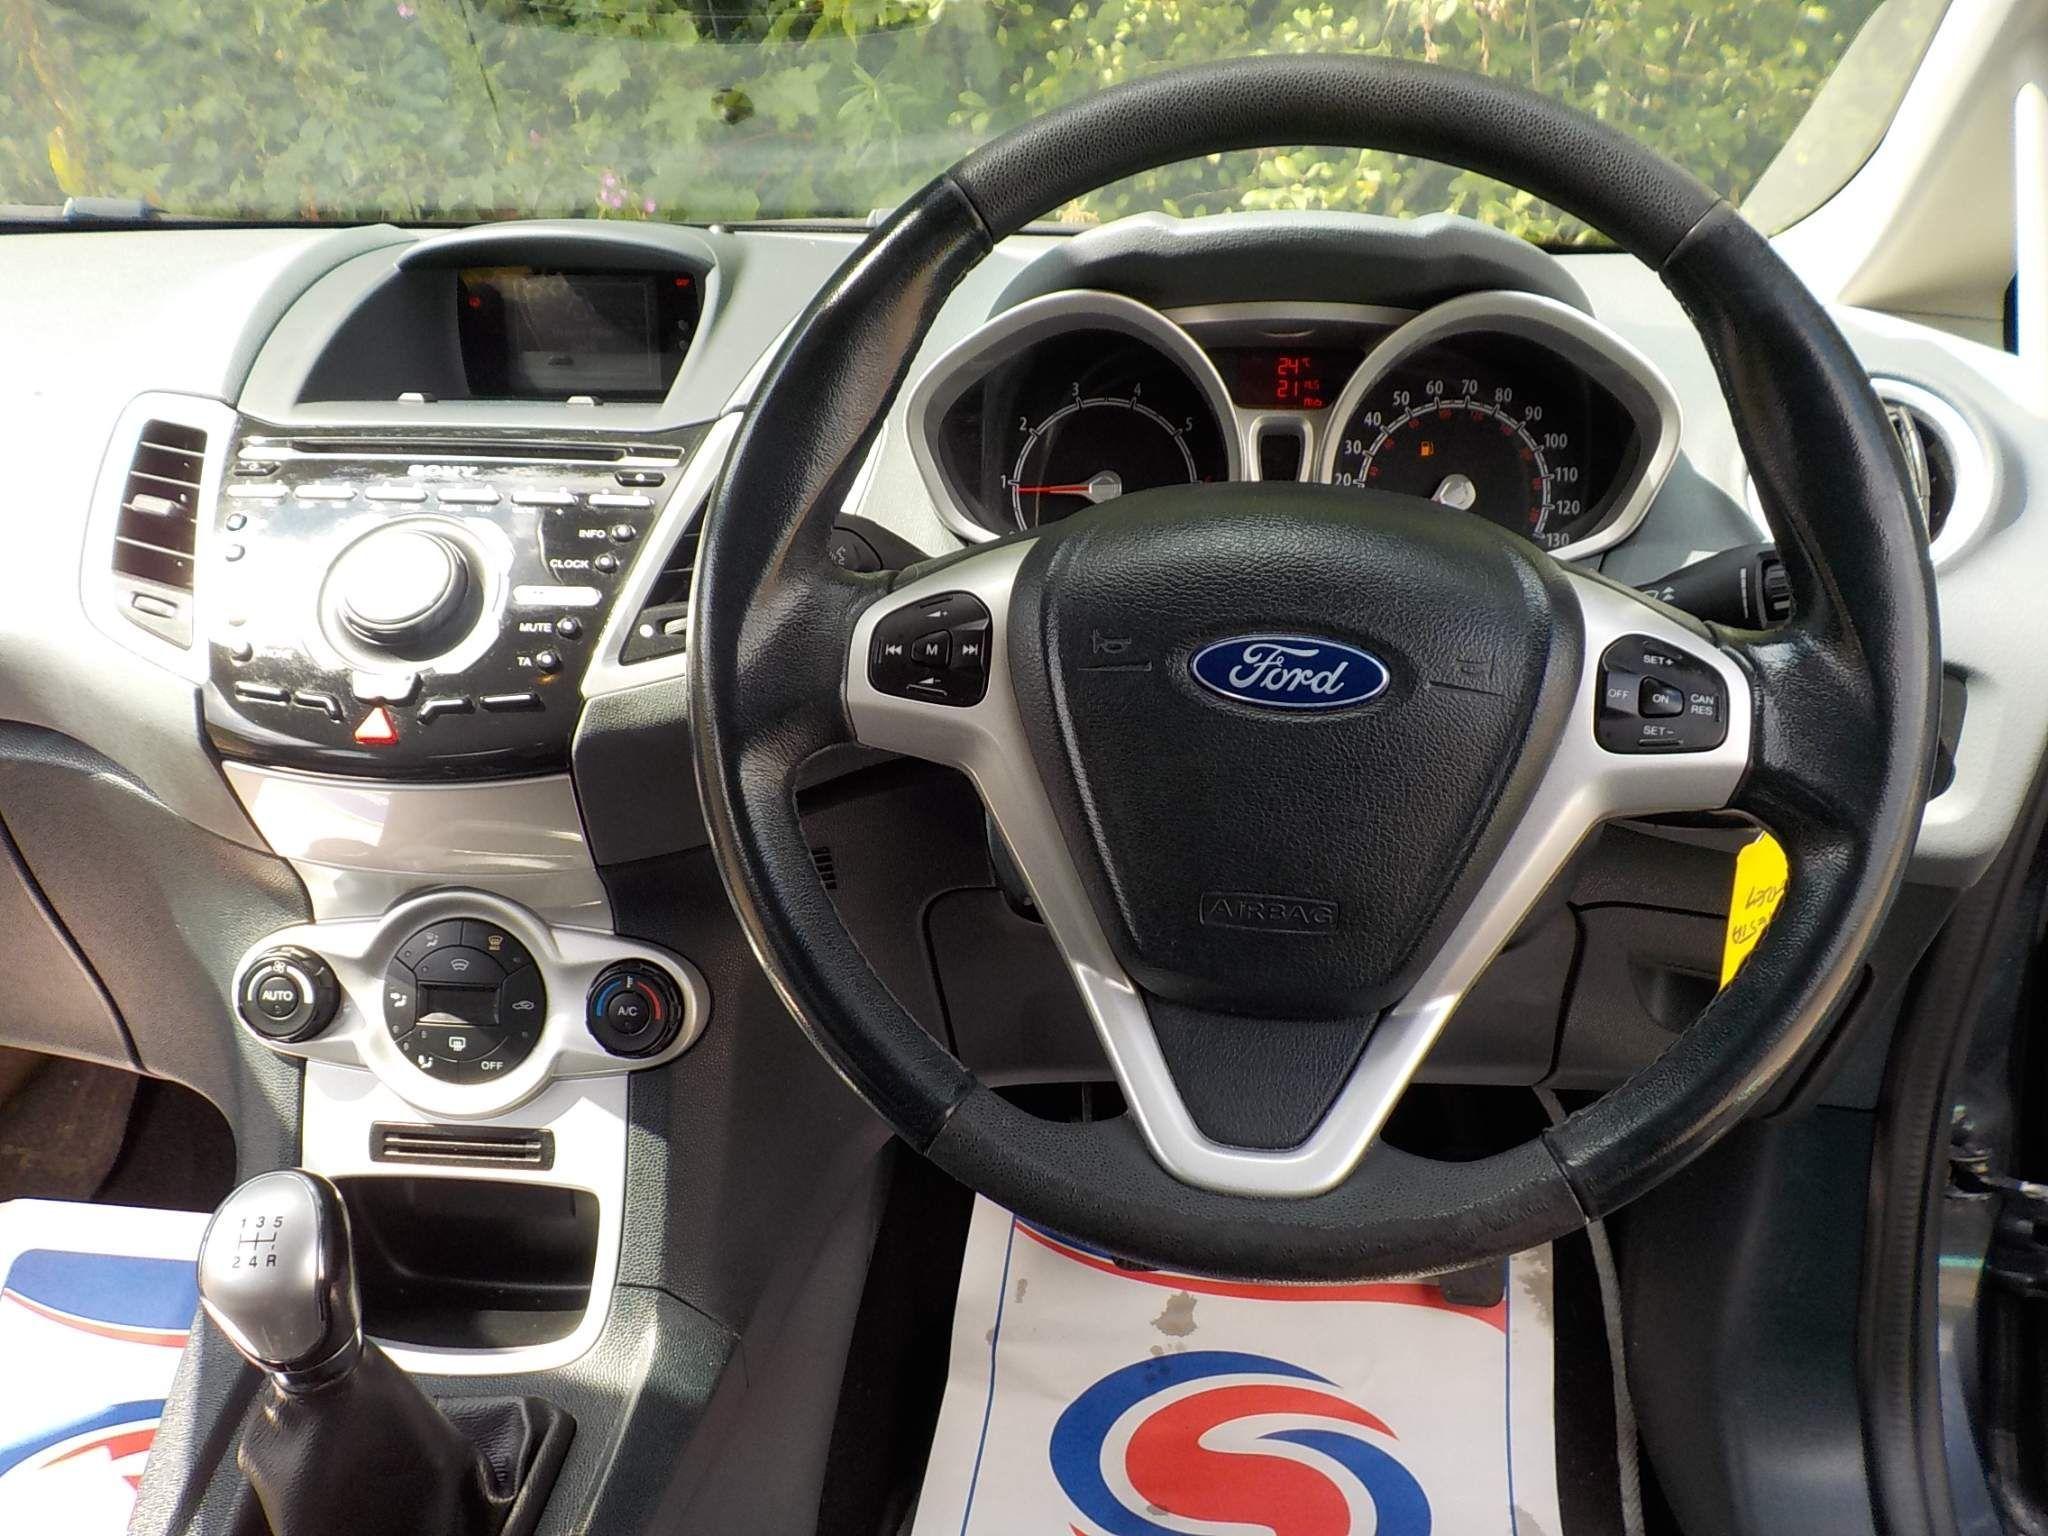 Ford Fiesta 1.6 Titanium 5dr